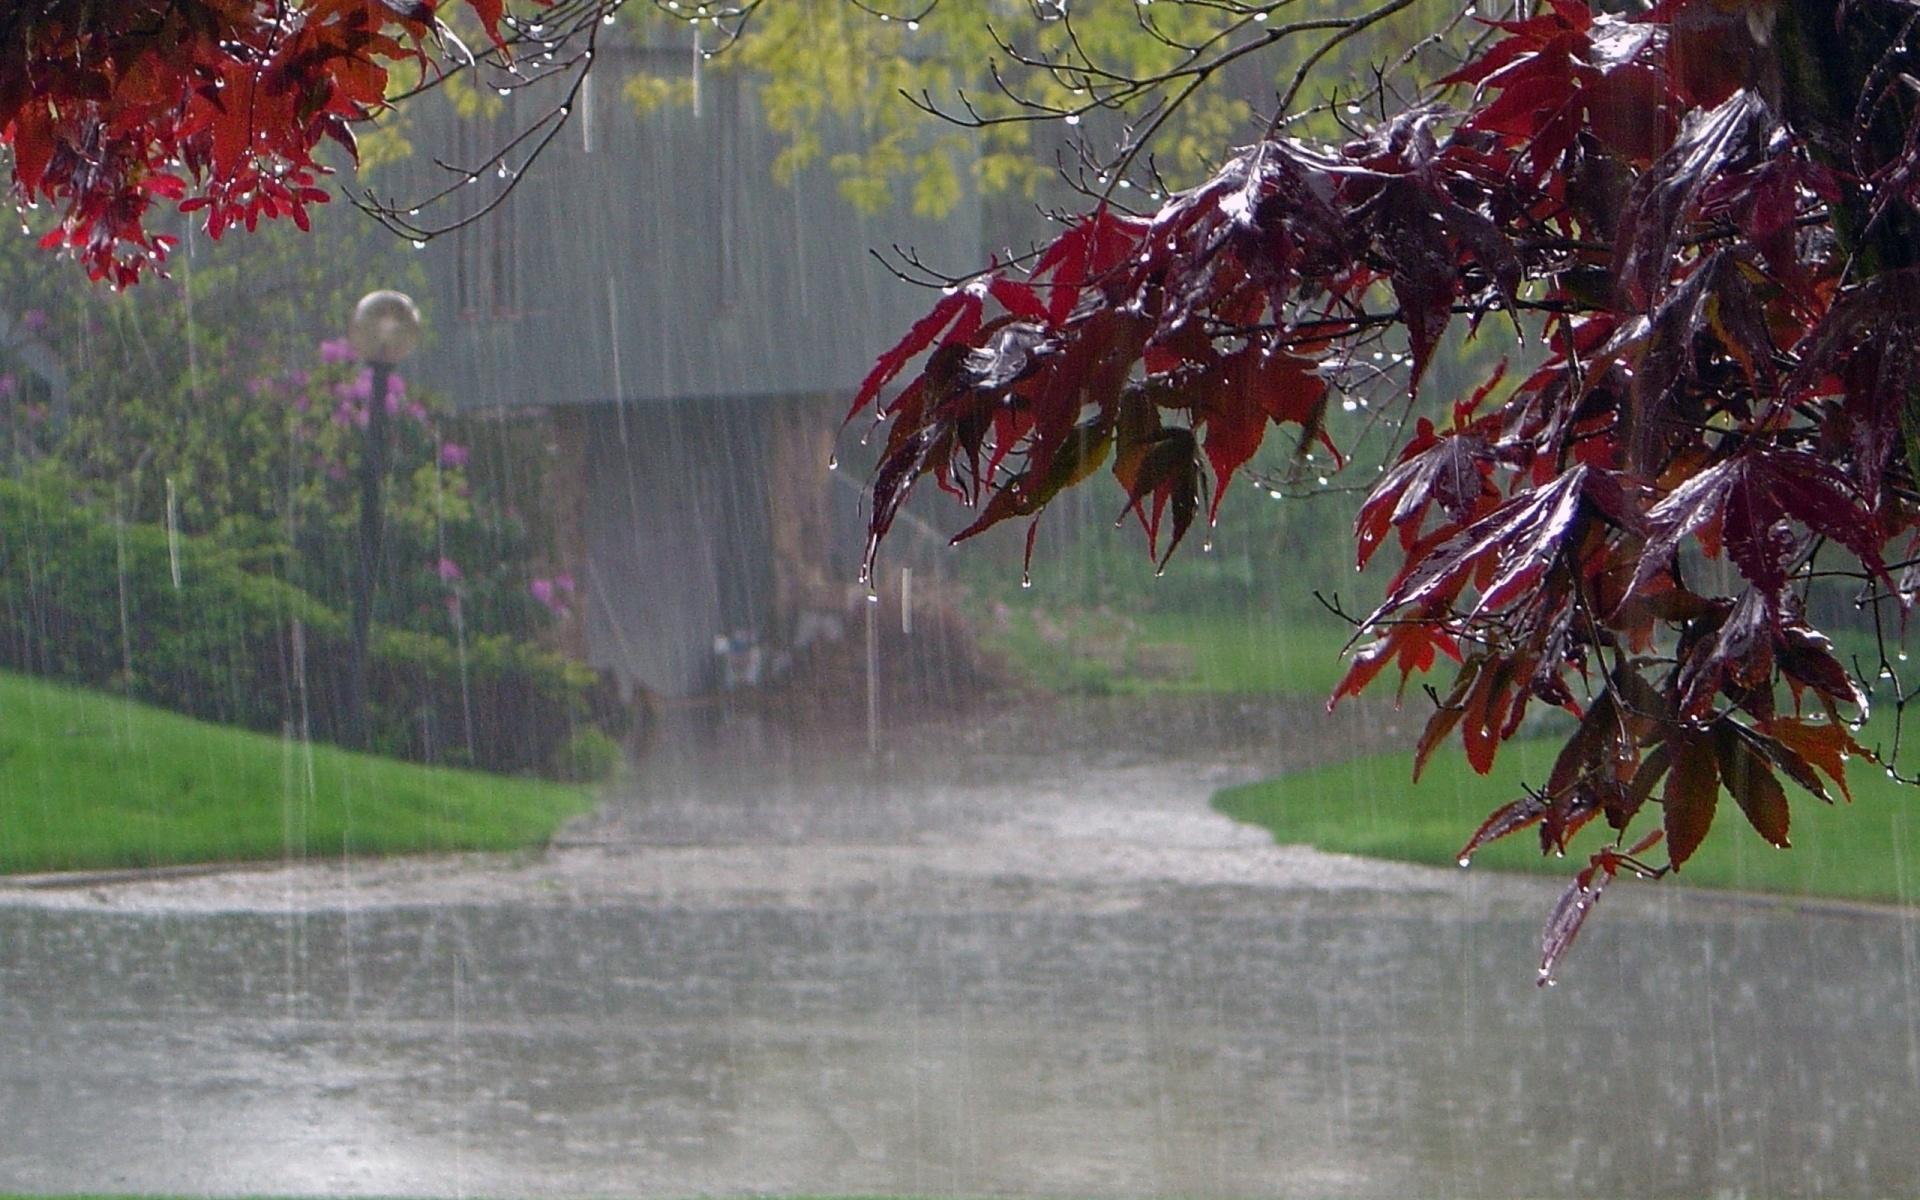 современном картинка погода дождливая для вас слова